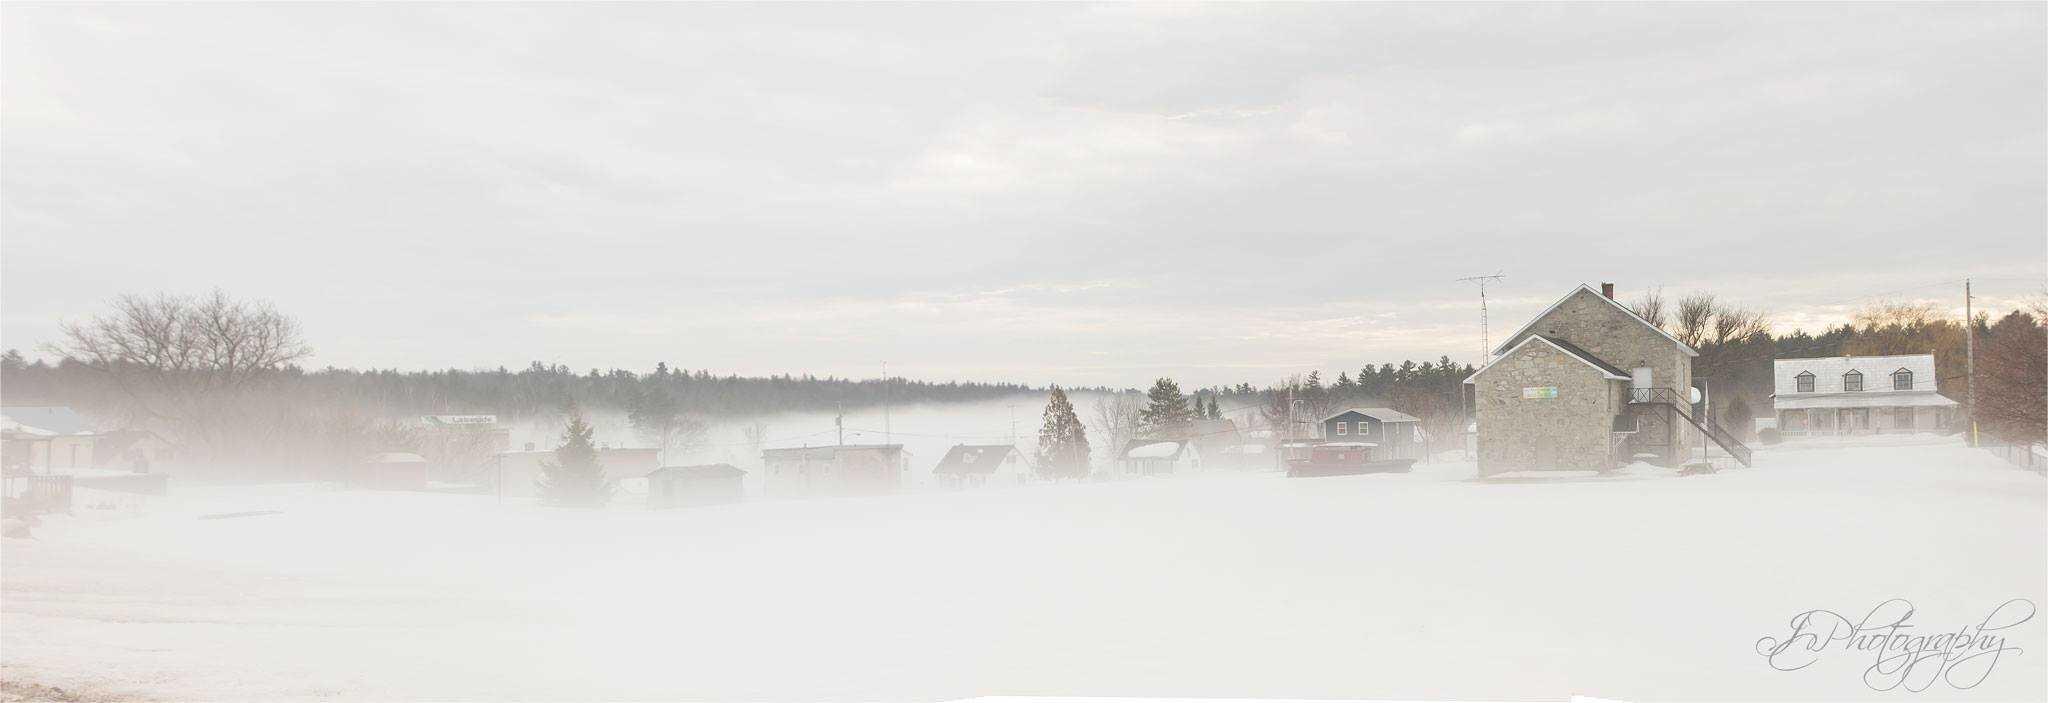 Mysterious Fog last week — in Portage-du-Fort, Quebec.